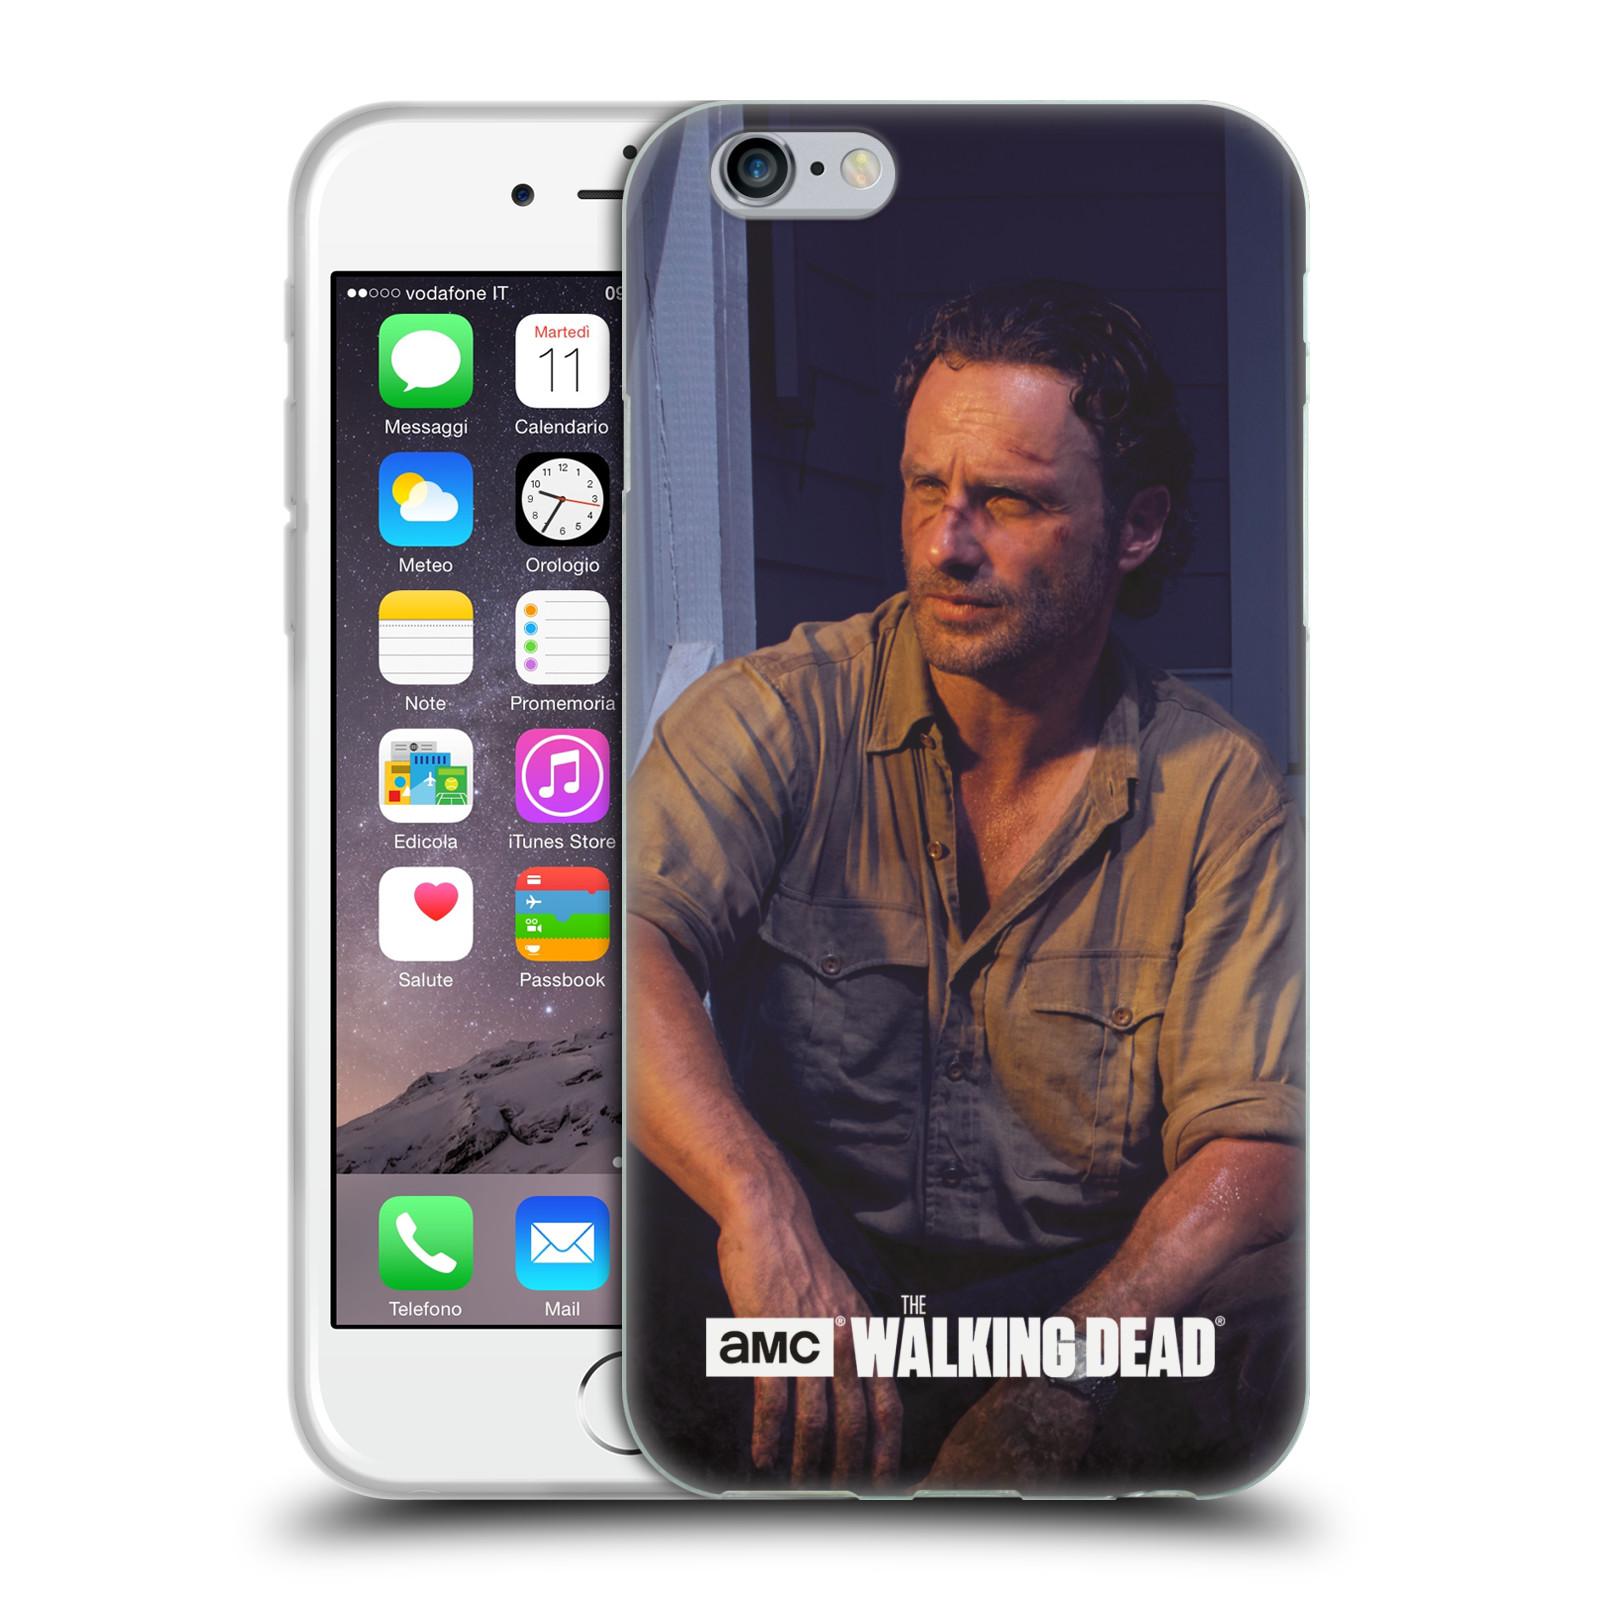 HEAD CASE silikonový obal na mobil Apple Iphone 6 / 6S originální potisk Walking Dead postavy v akci Rick